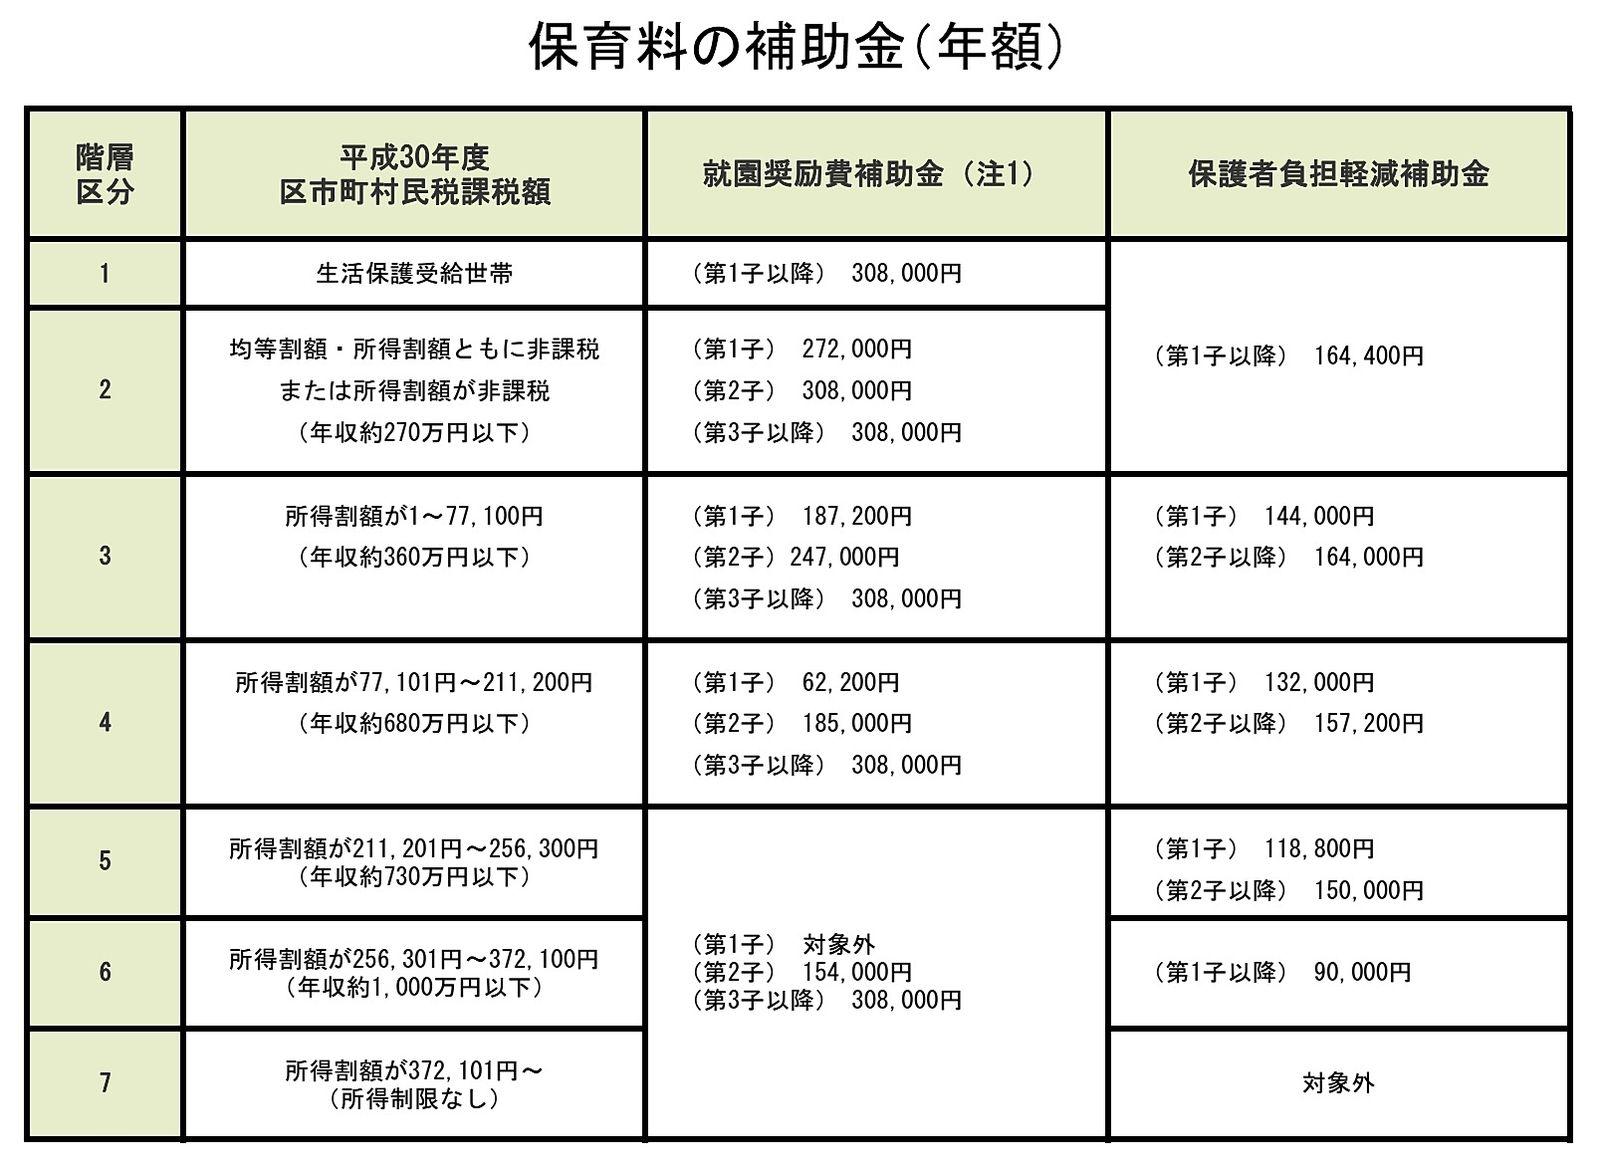 文京区の私立幼稚園等の補助金額の概要。文京区のファミリー向け賃貸不動産ドリームハウス株式会社